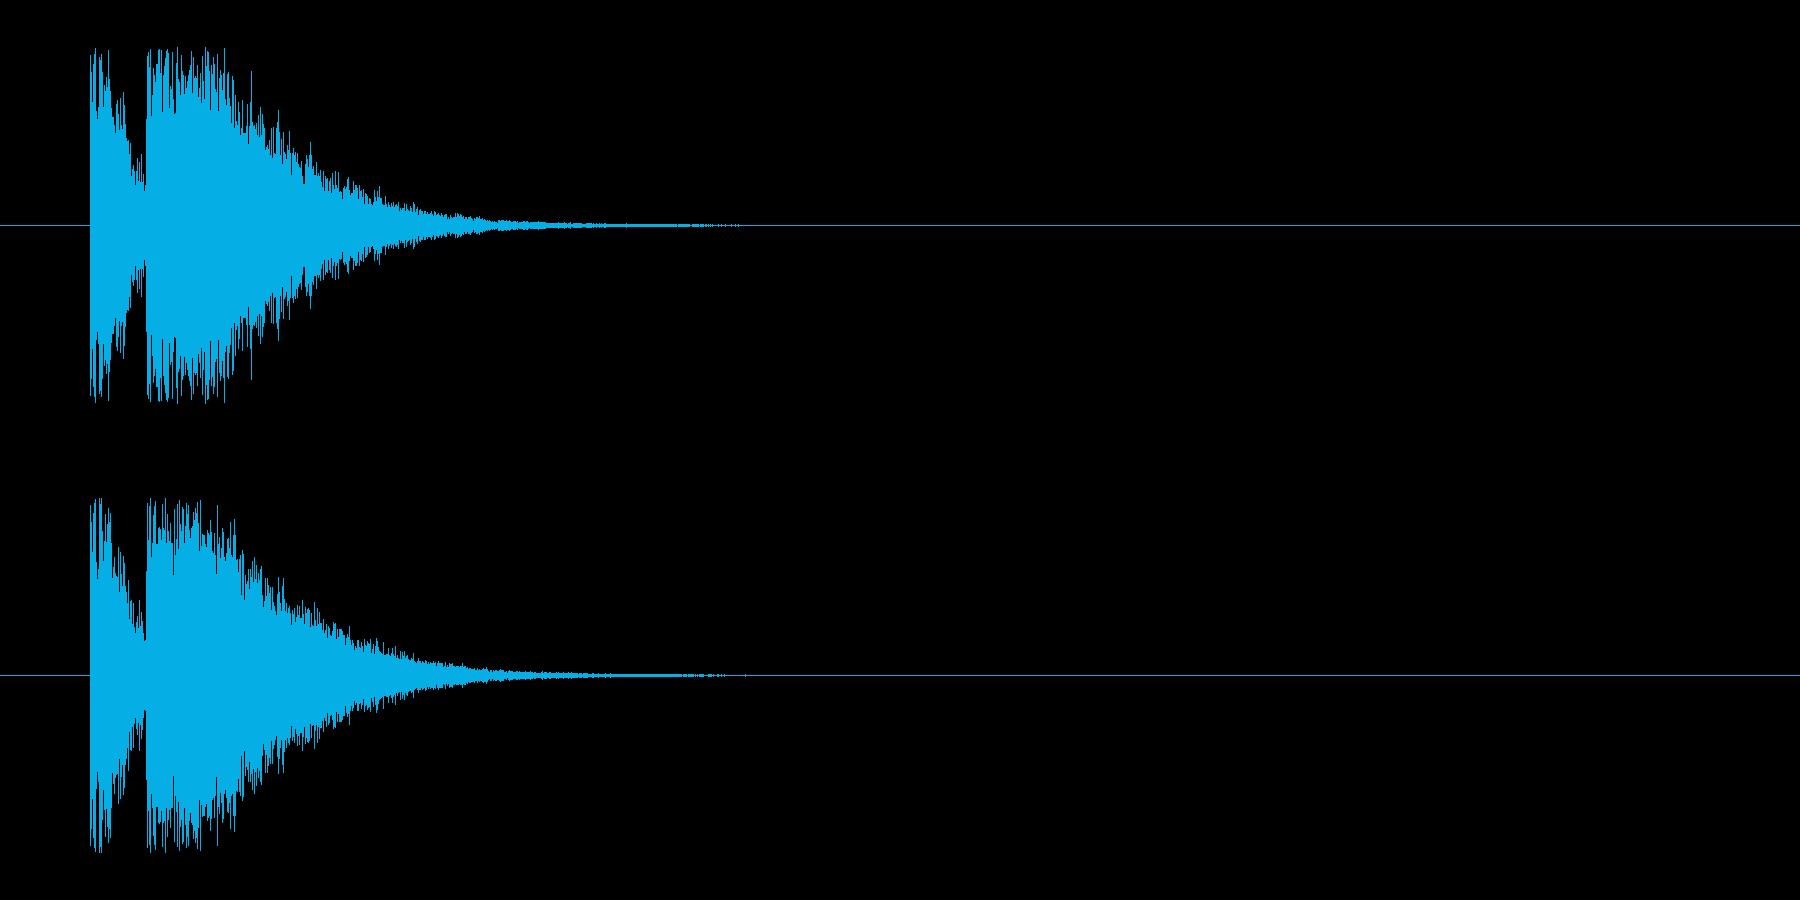 ビームライフル1★リバーブ有の再生済みの波形